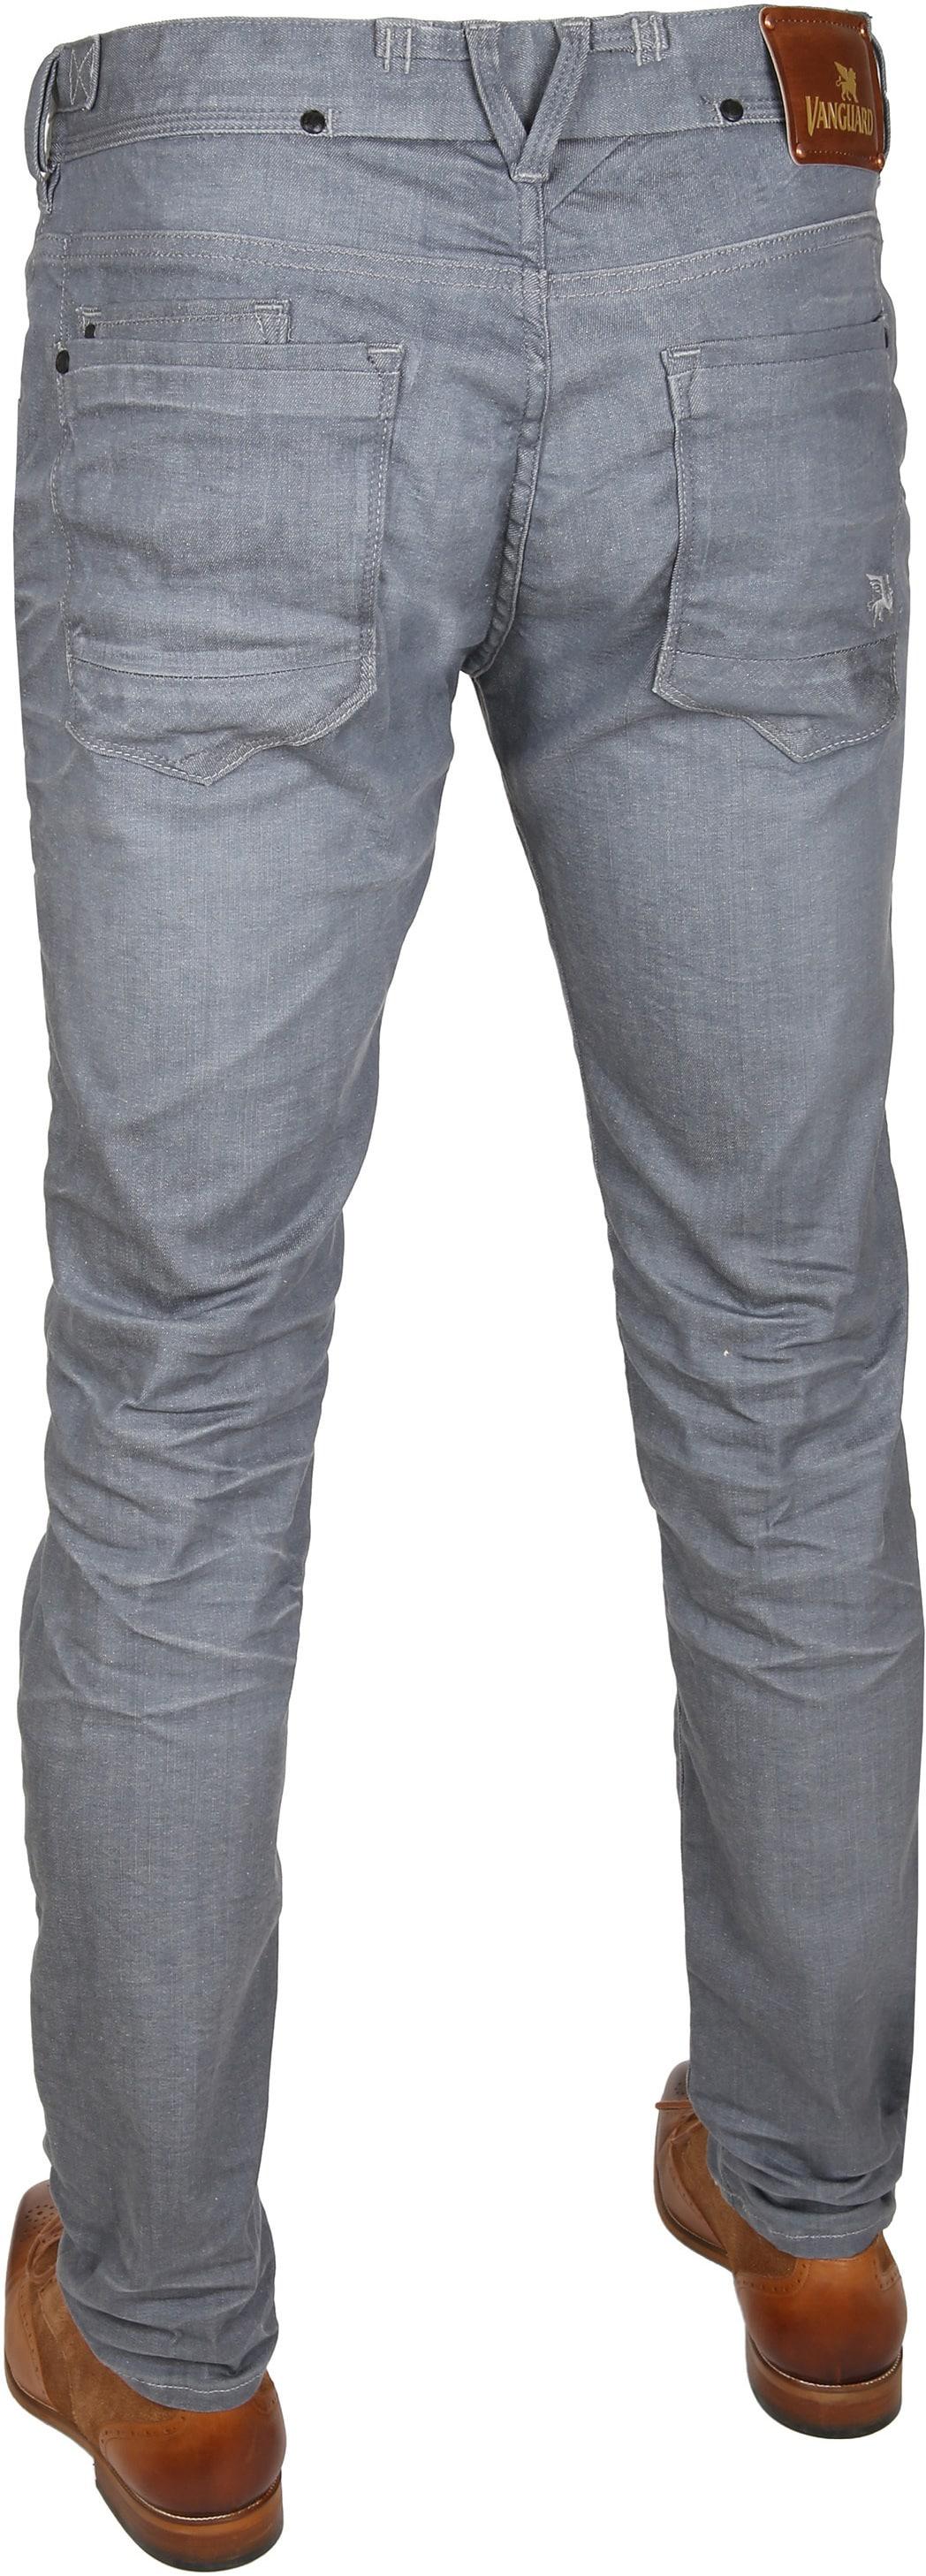 Vanguard V8 Jeans Bleached Dunkelgrau foto 3